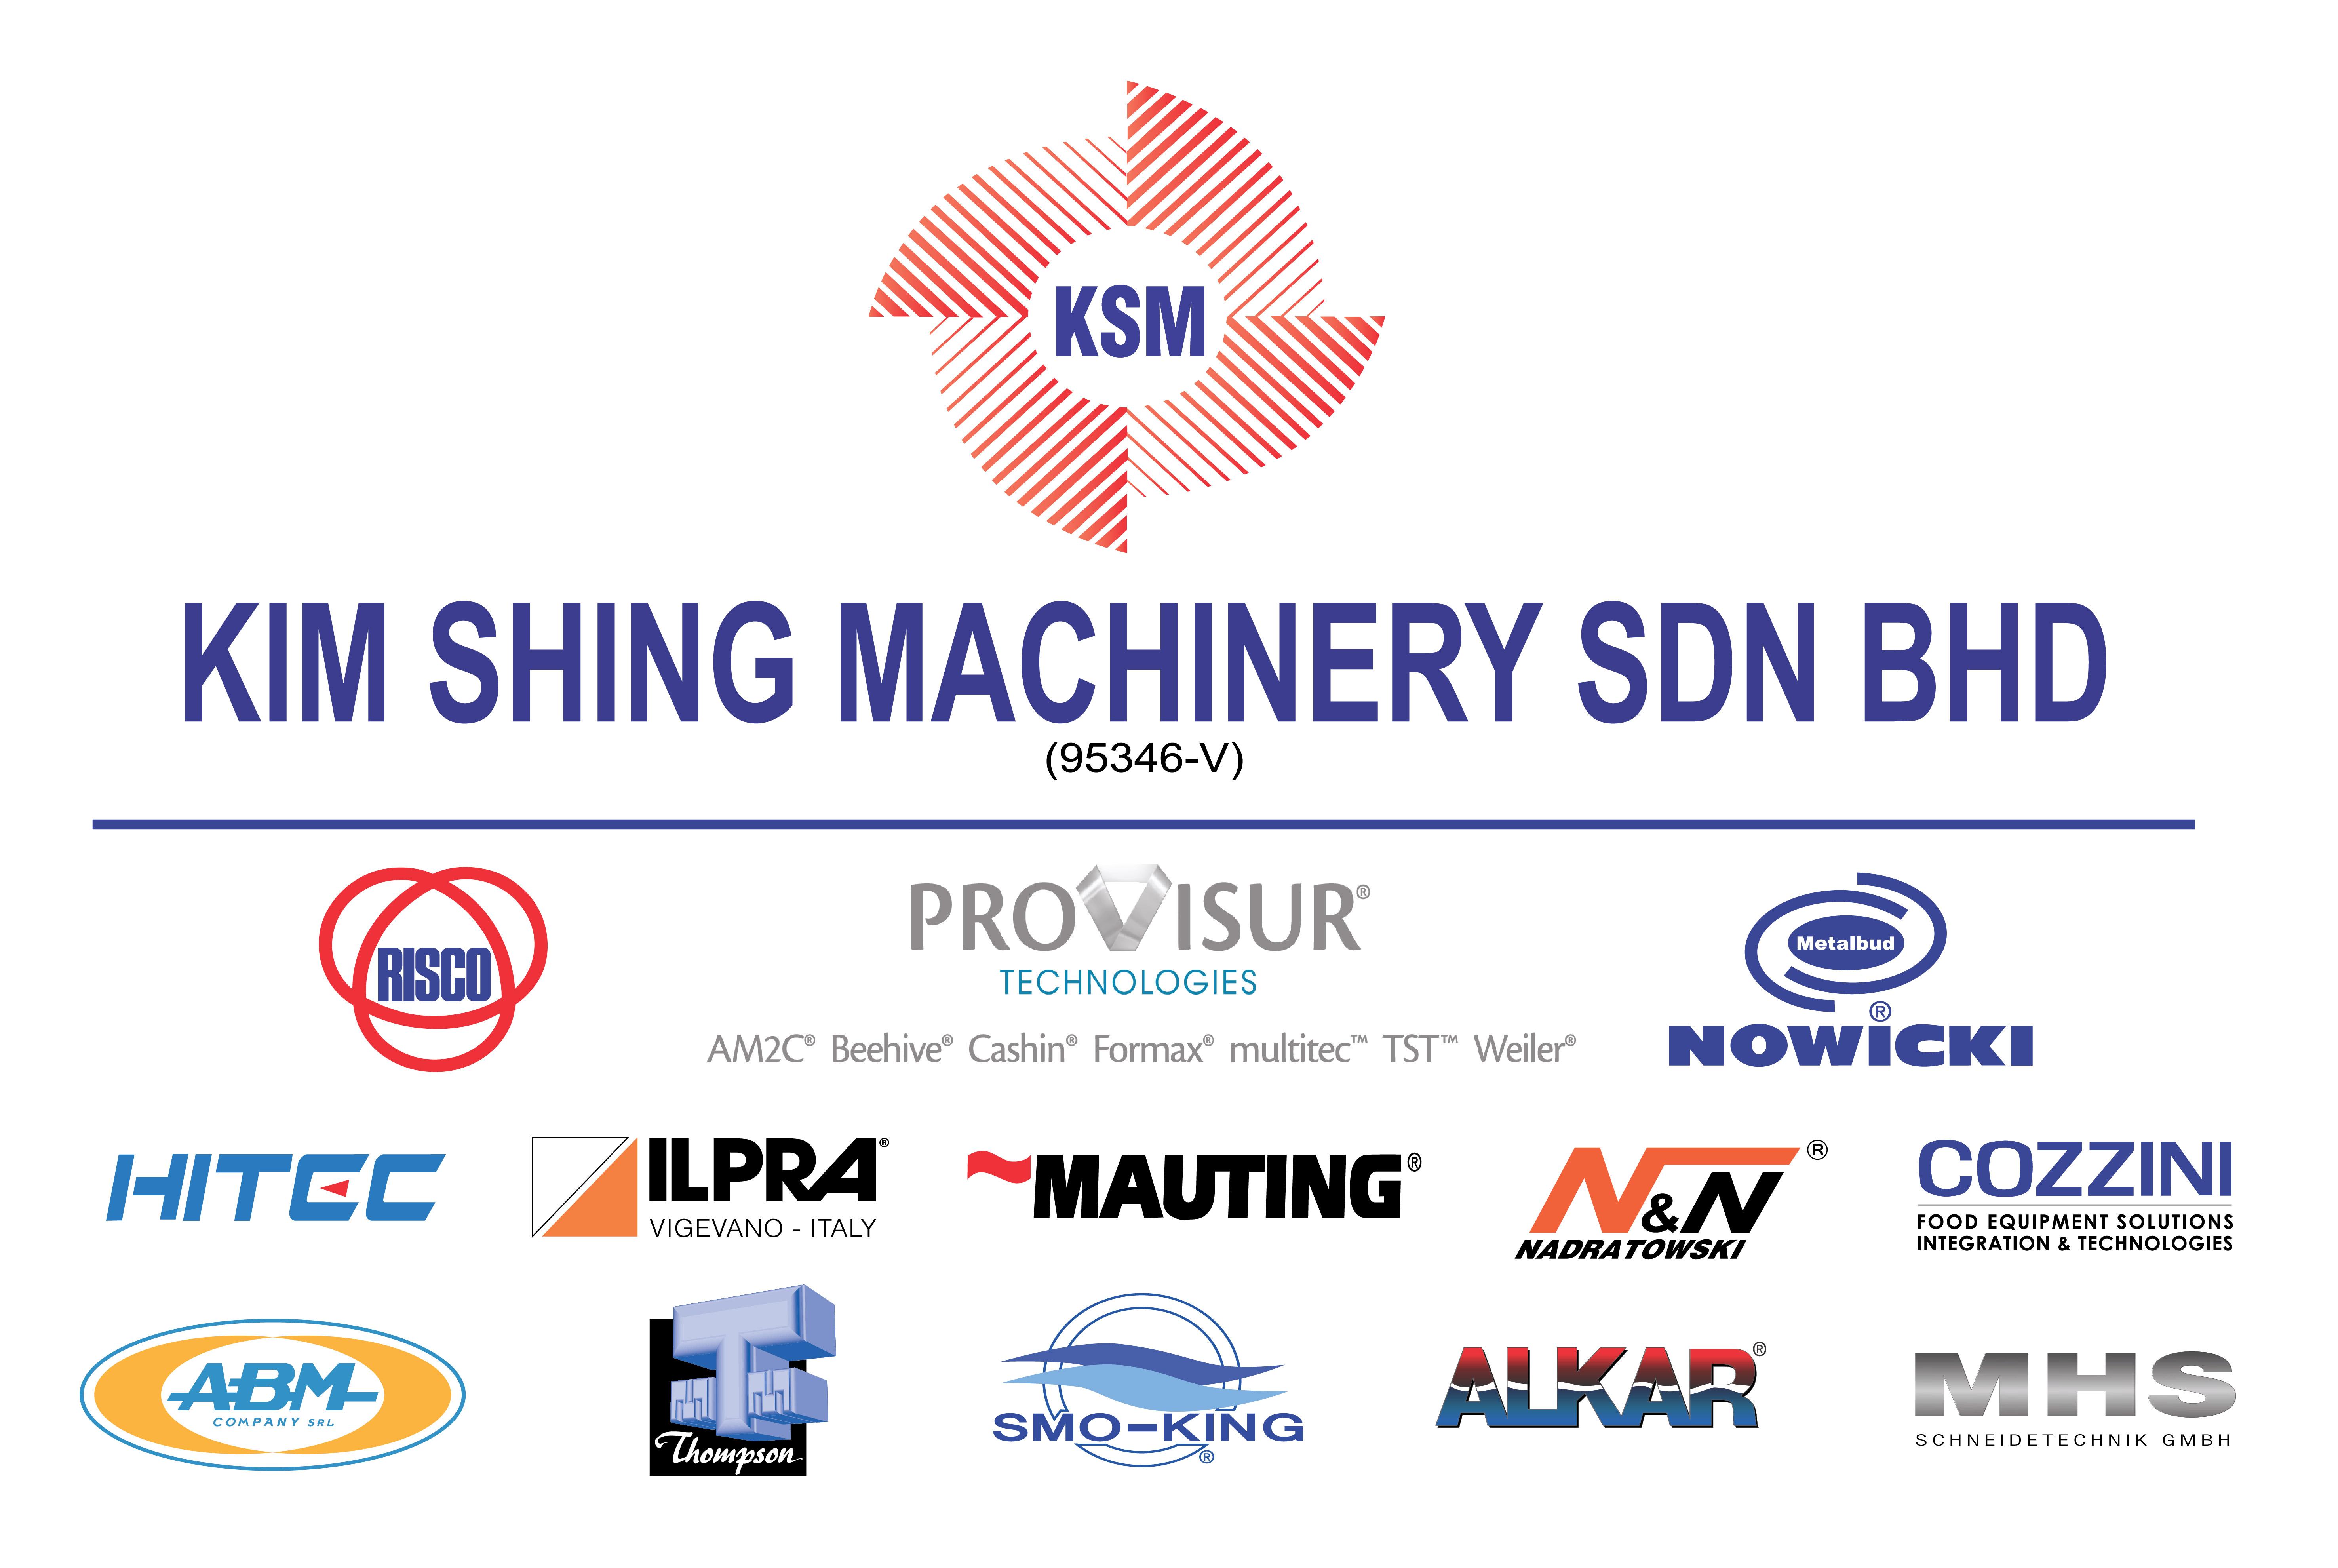 Kim Shing Machinery Sdn Bhd